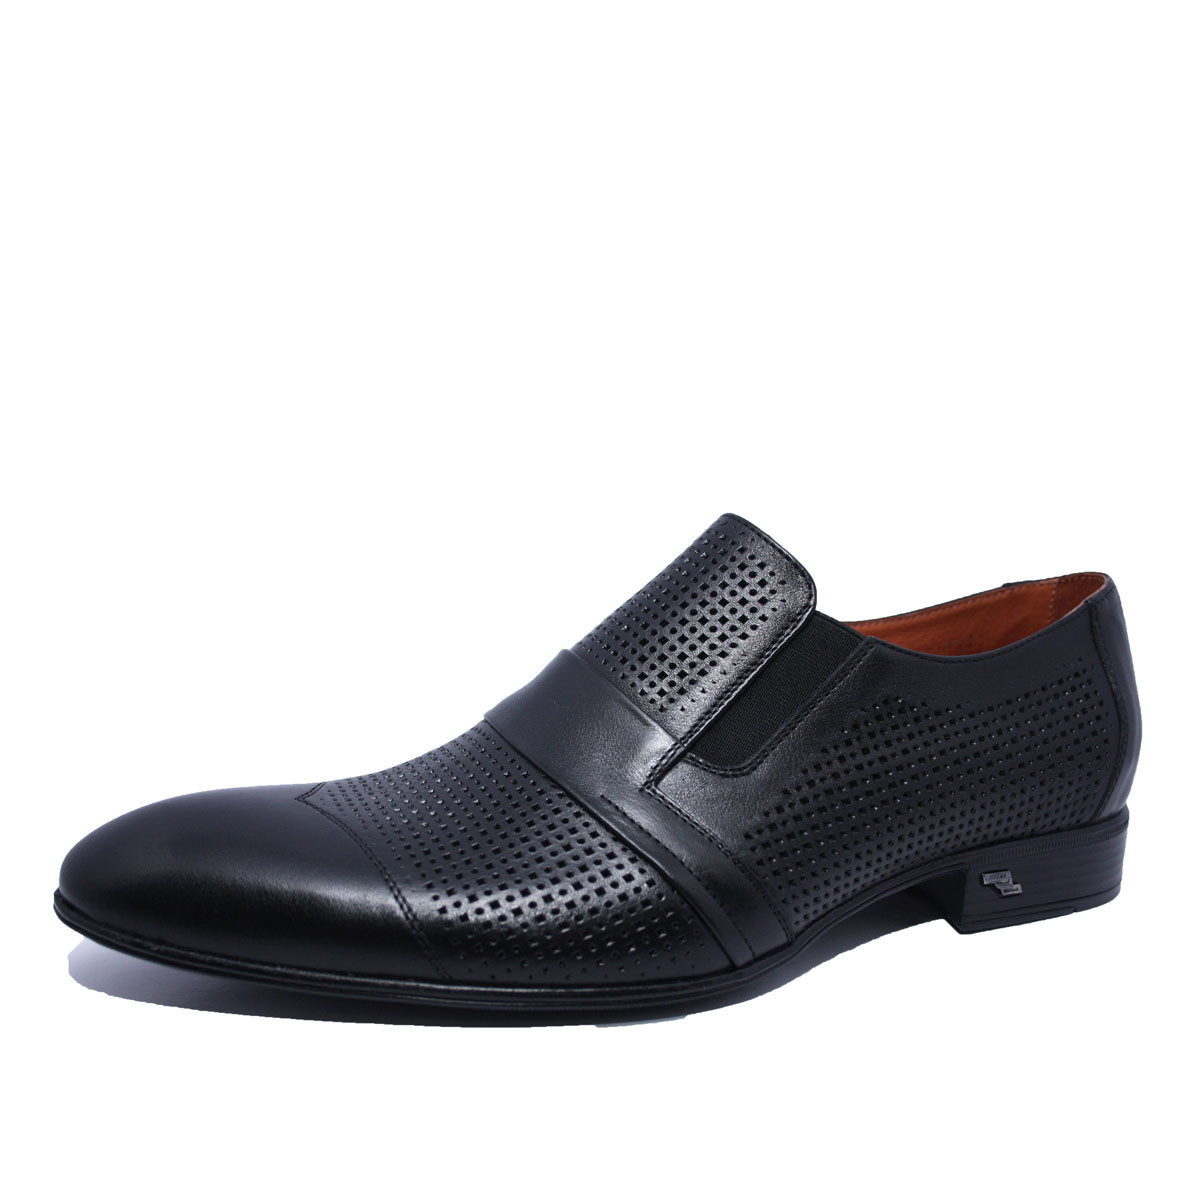 Летние мужские туфли кожаные черные на резинке Iкос